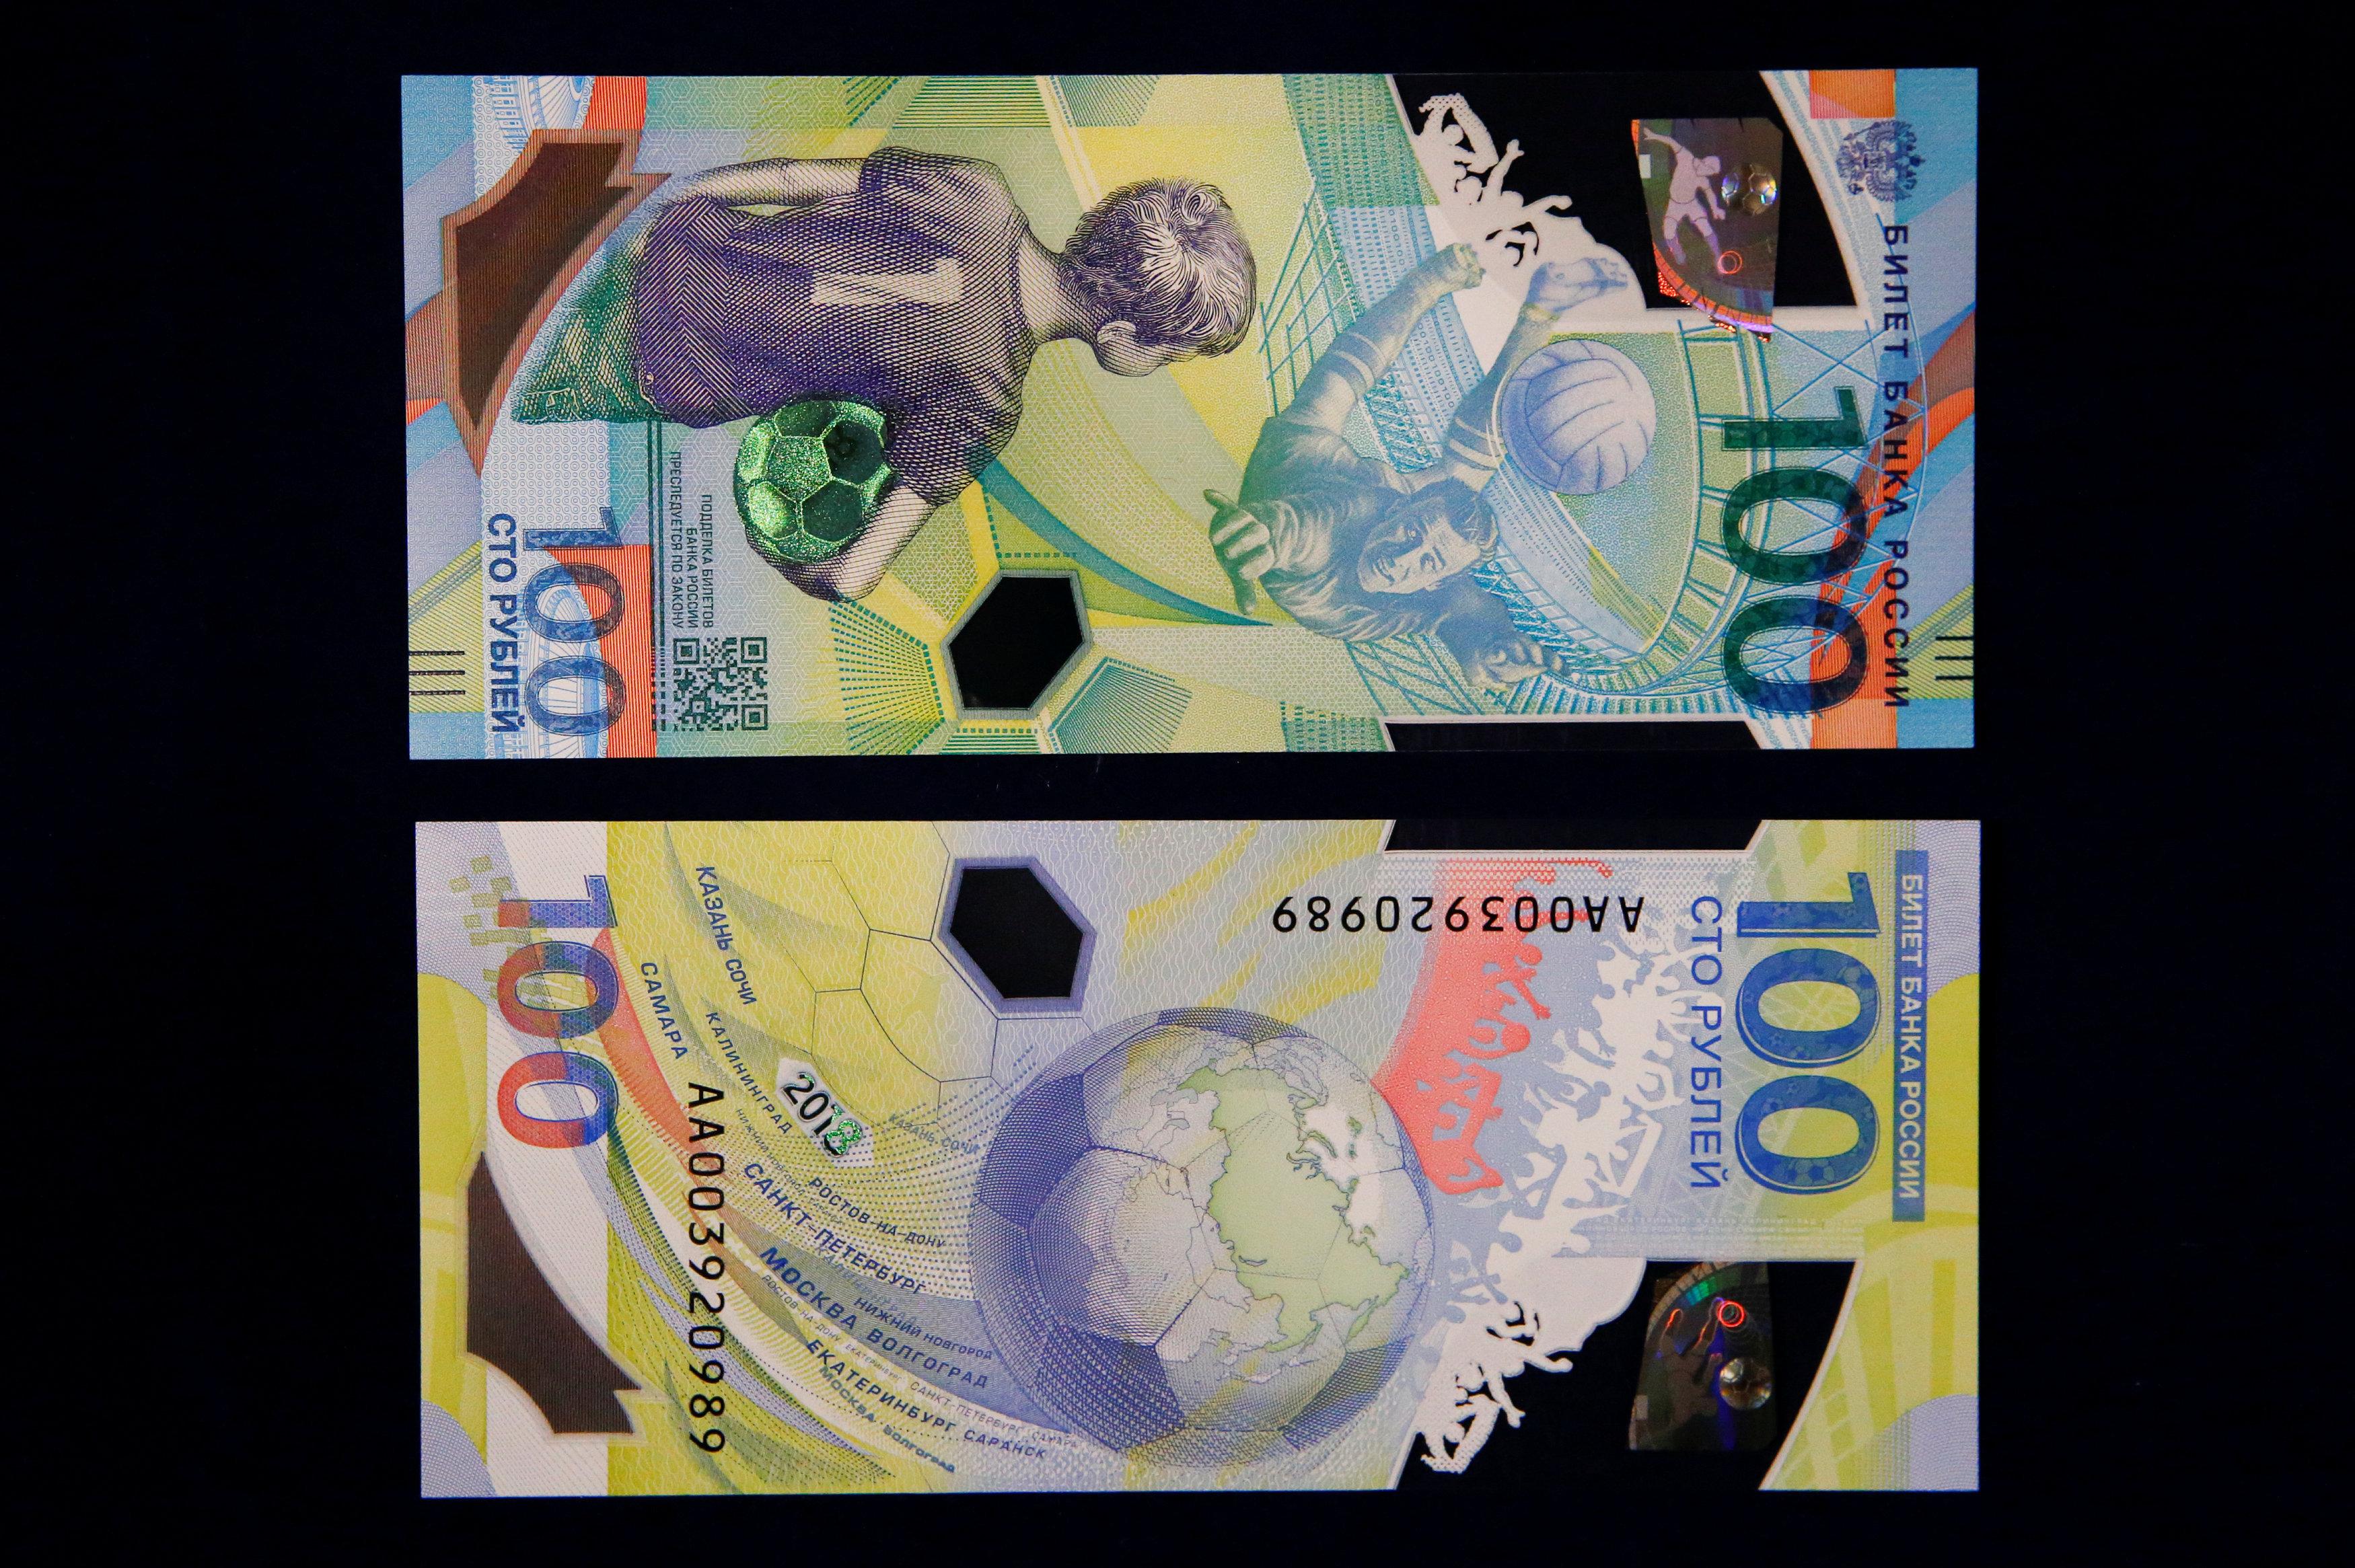 Banco Central da Rússia emitiu cédulas especiais para a Copa do mundo de 2018.